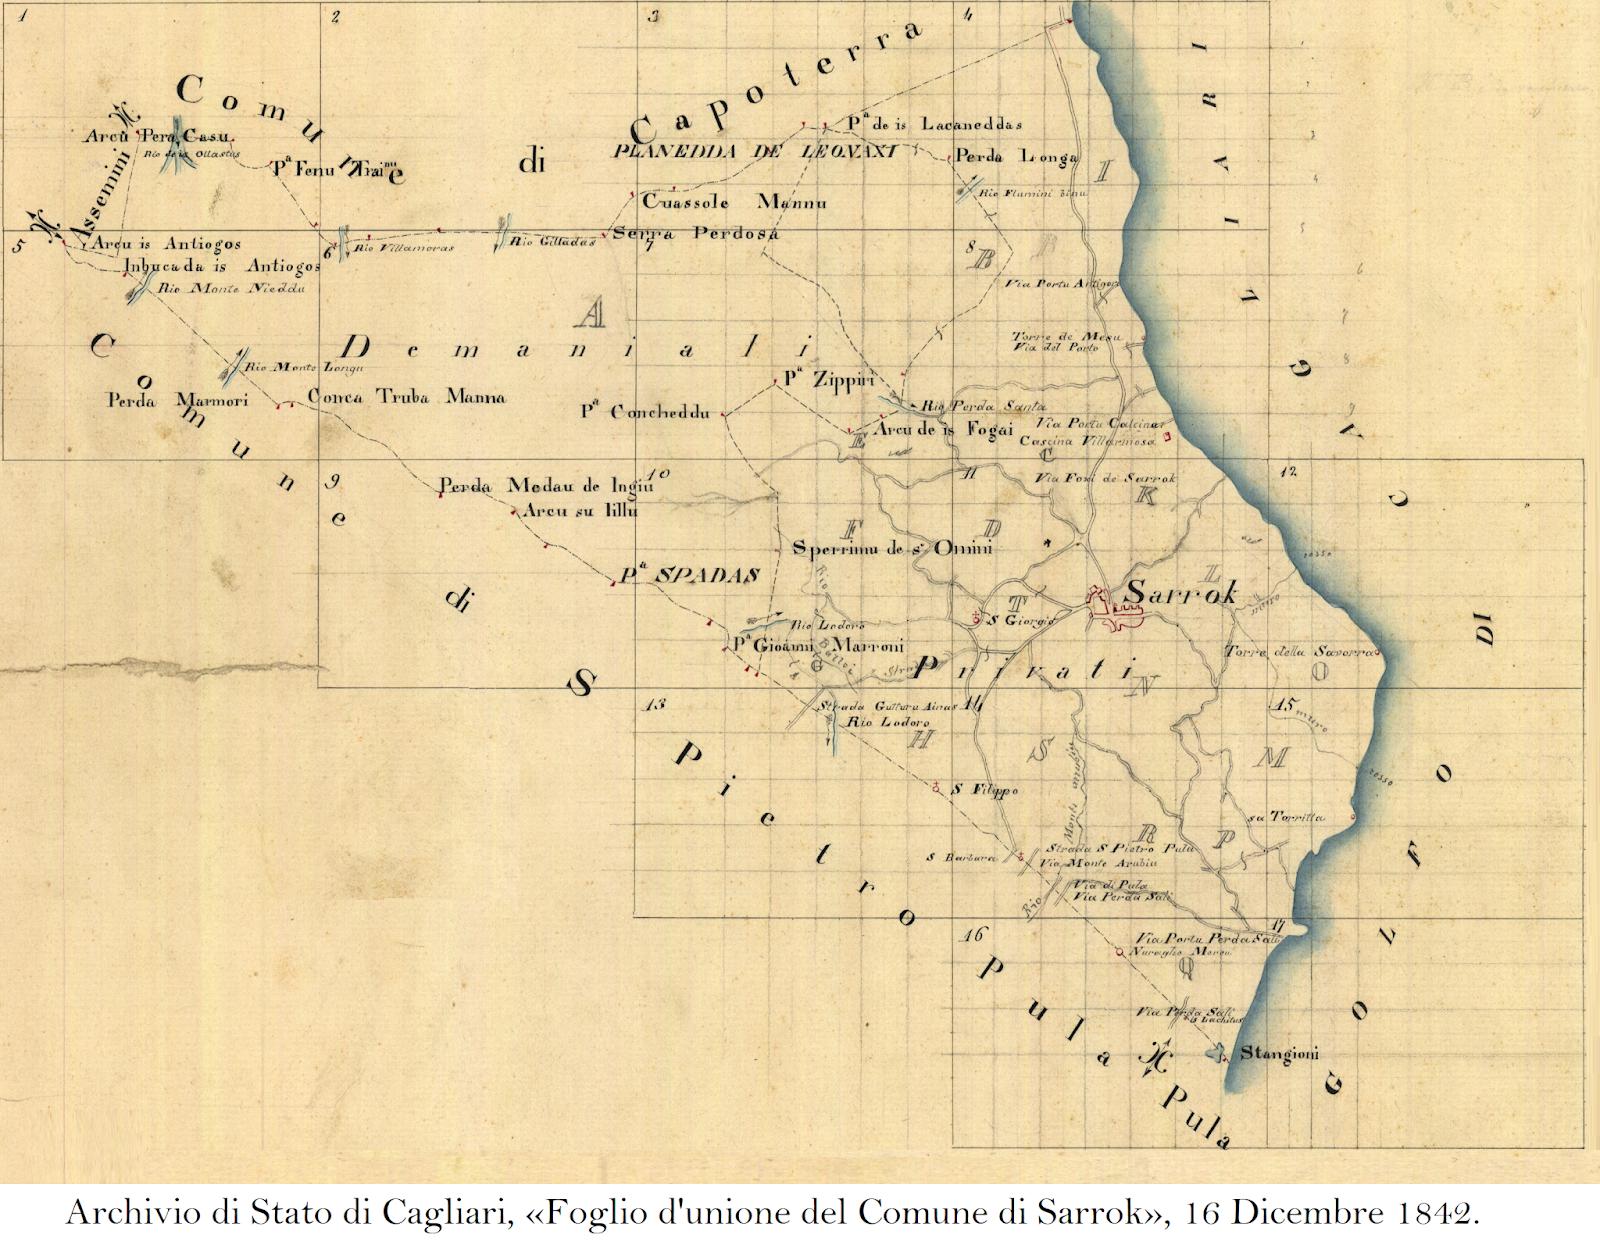 Cartina Antica Sardegna.La Mappa Del Territorio Di Sarroch Del 1842